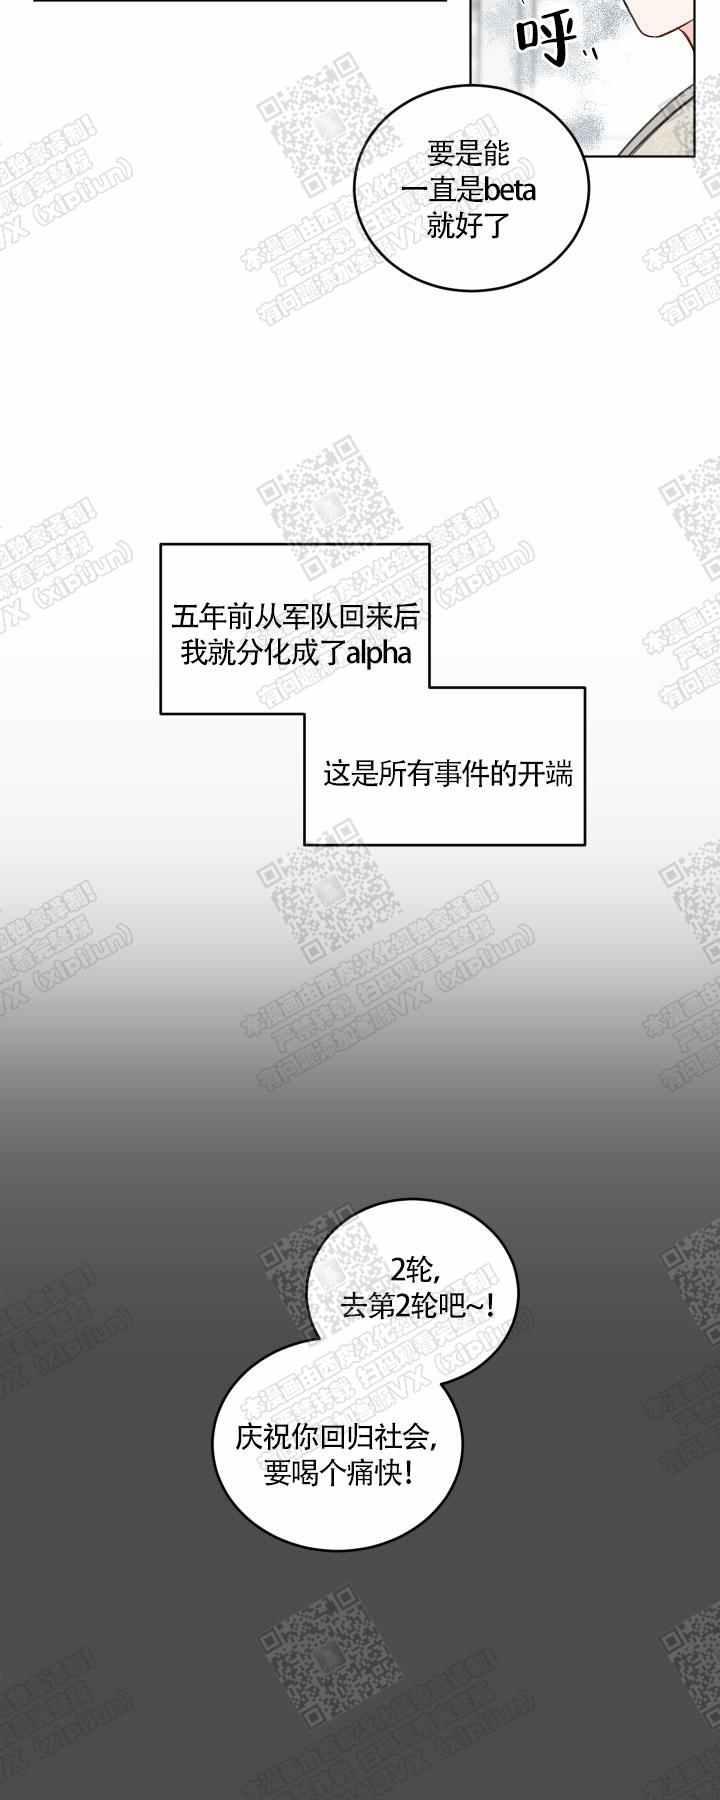 韩漫《信息素警报》  虽然是alpha,但也少不了被疼爱